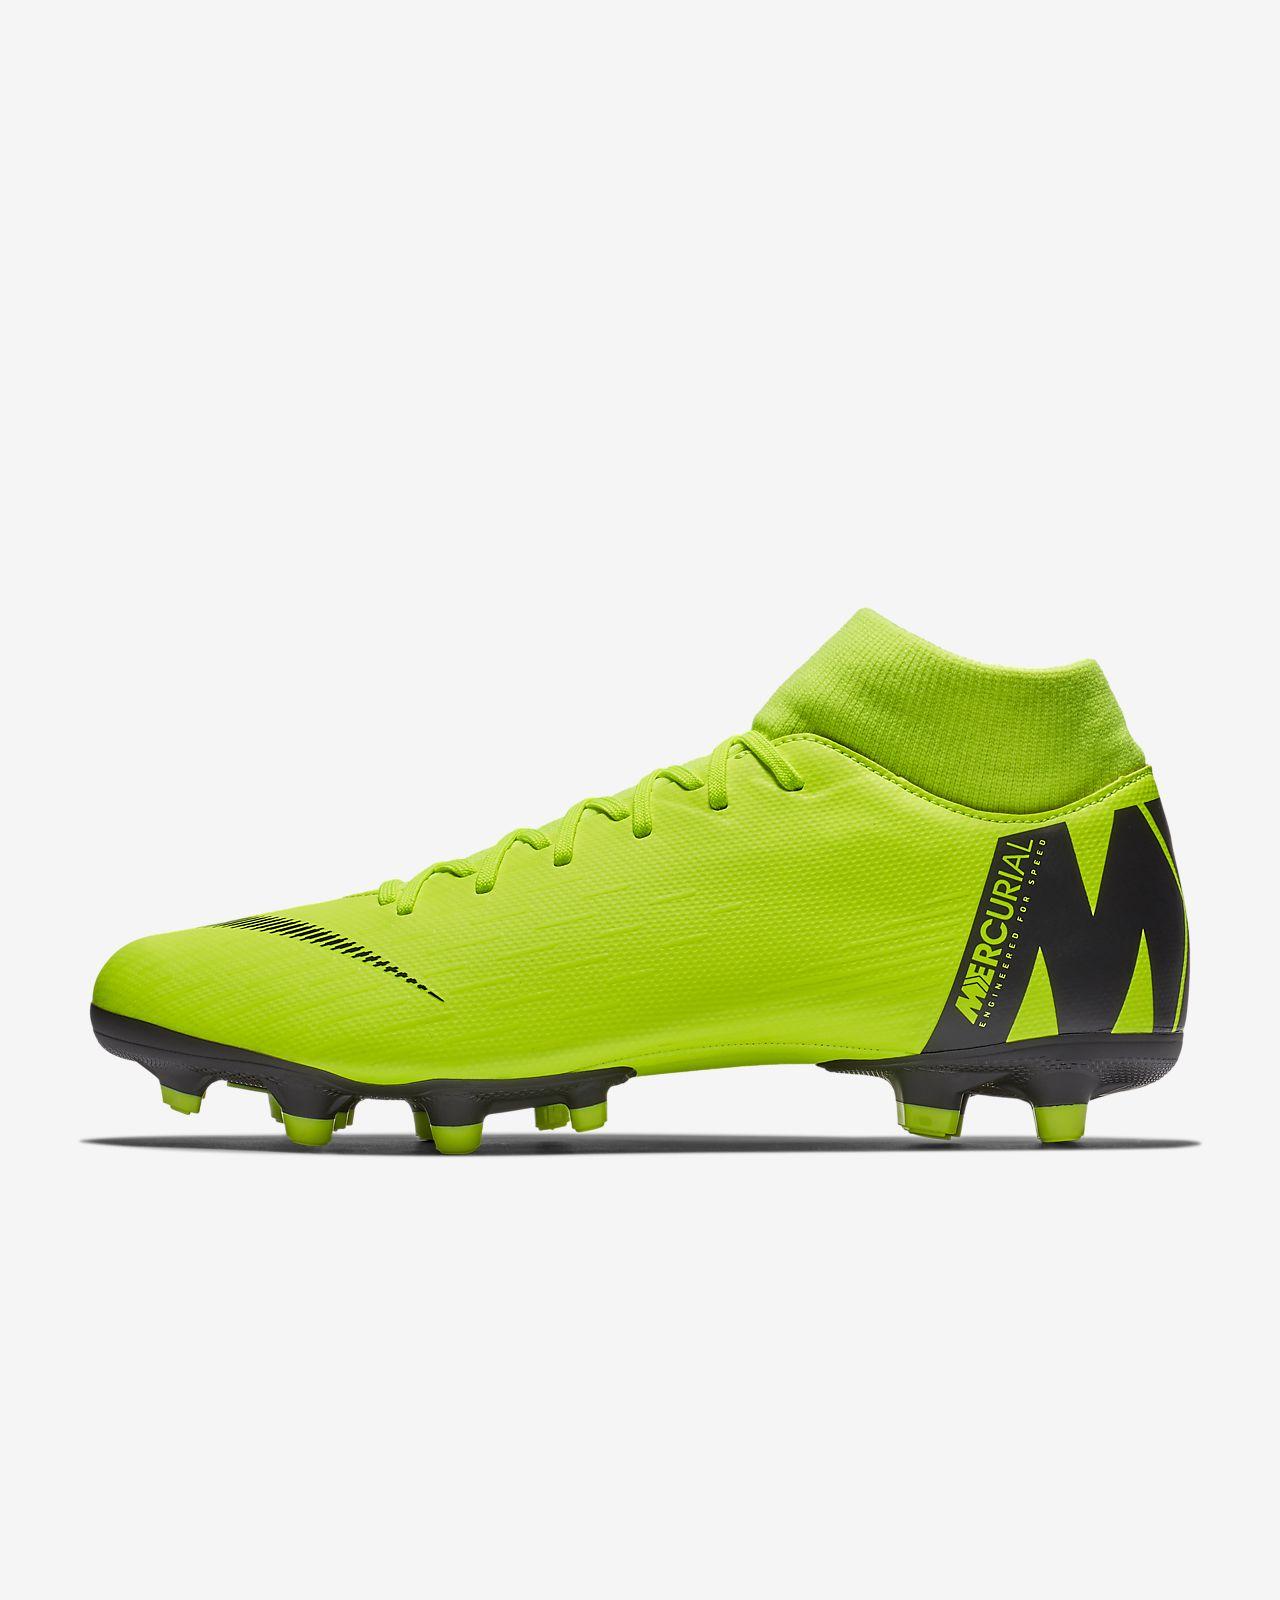 Nike Mercurial Superfly 6 Academy MG többféle talajra készült stoplis  futballcipő 1f9636a10d